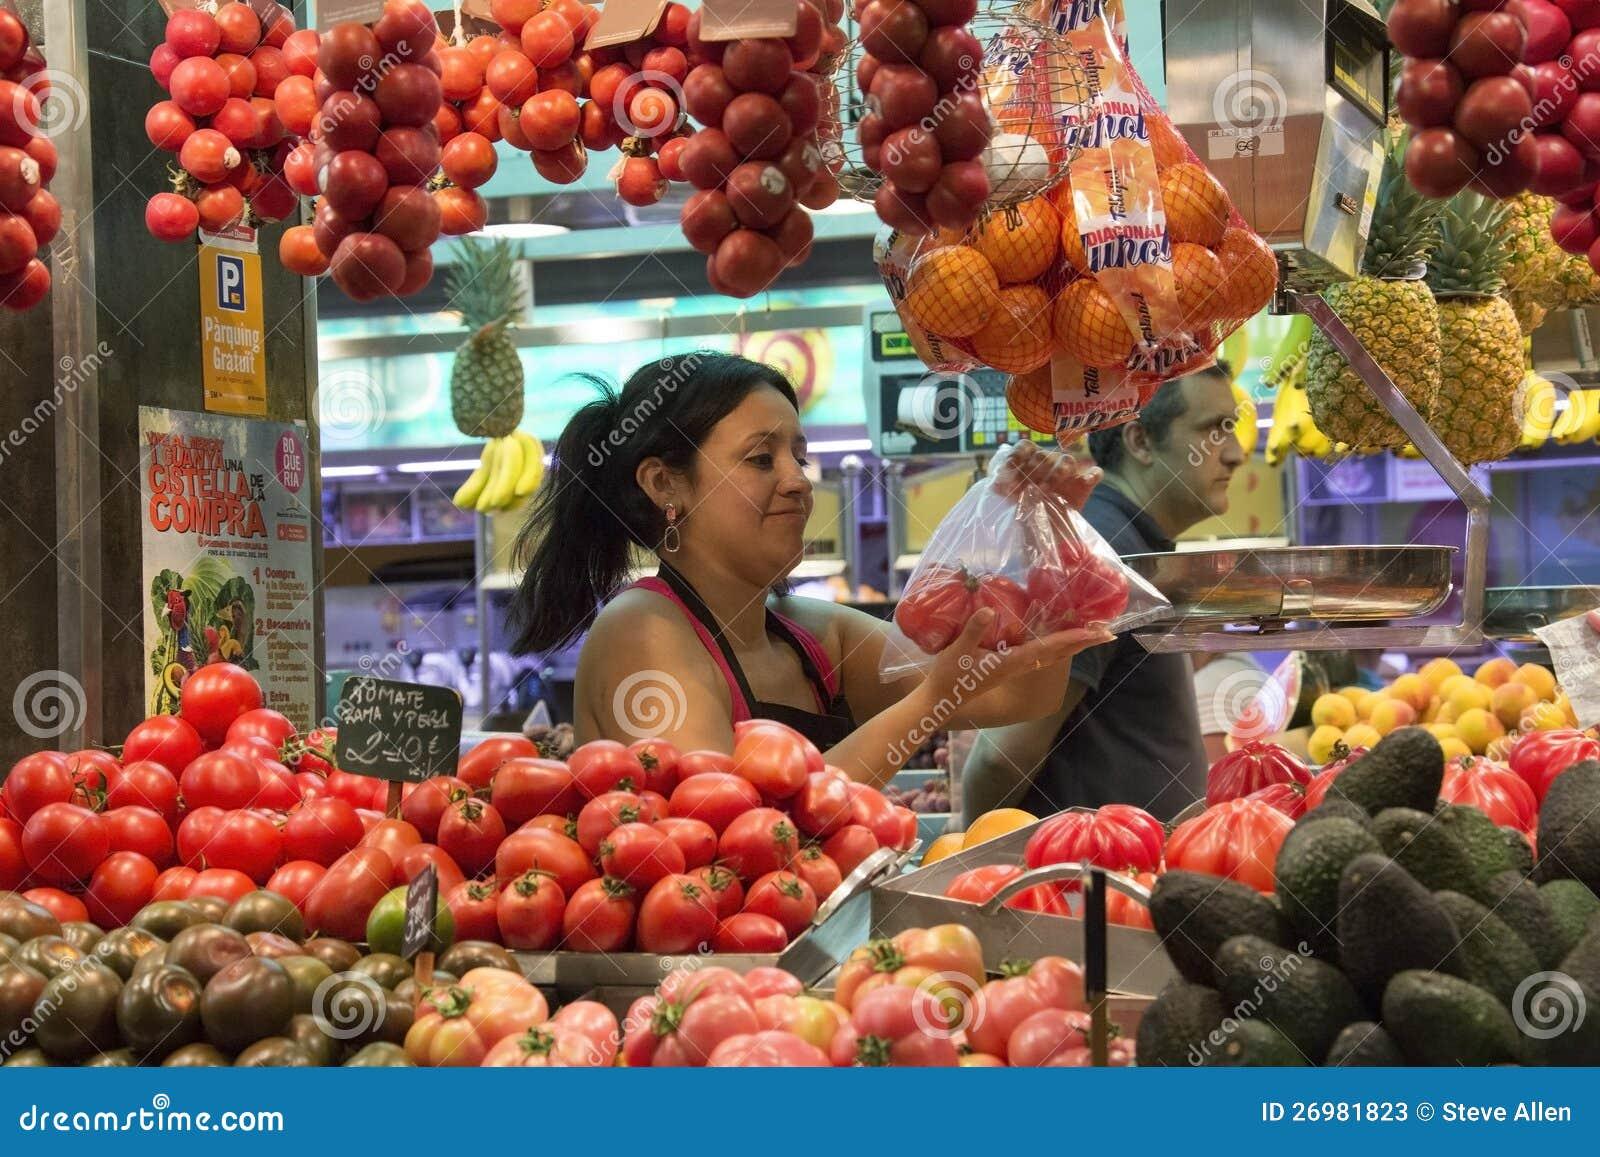 St Joseph Indoor Food Market - Barcelona - Spain